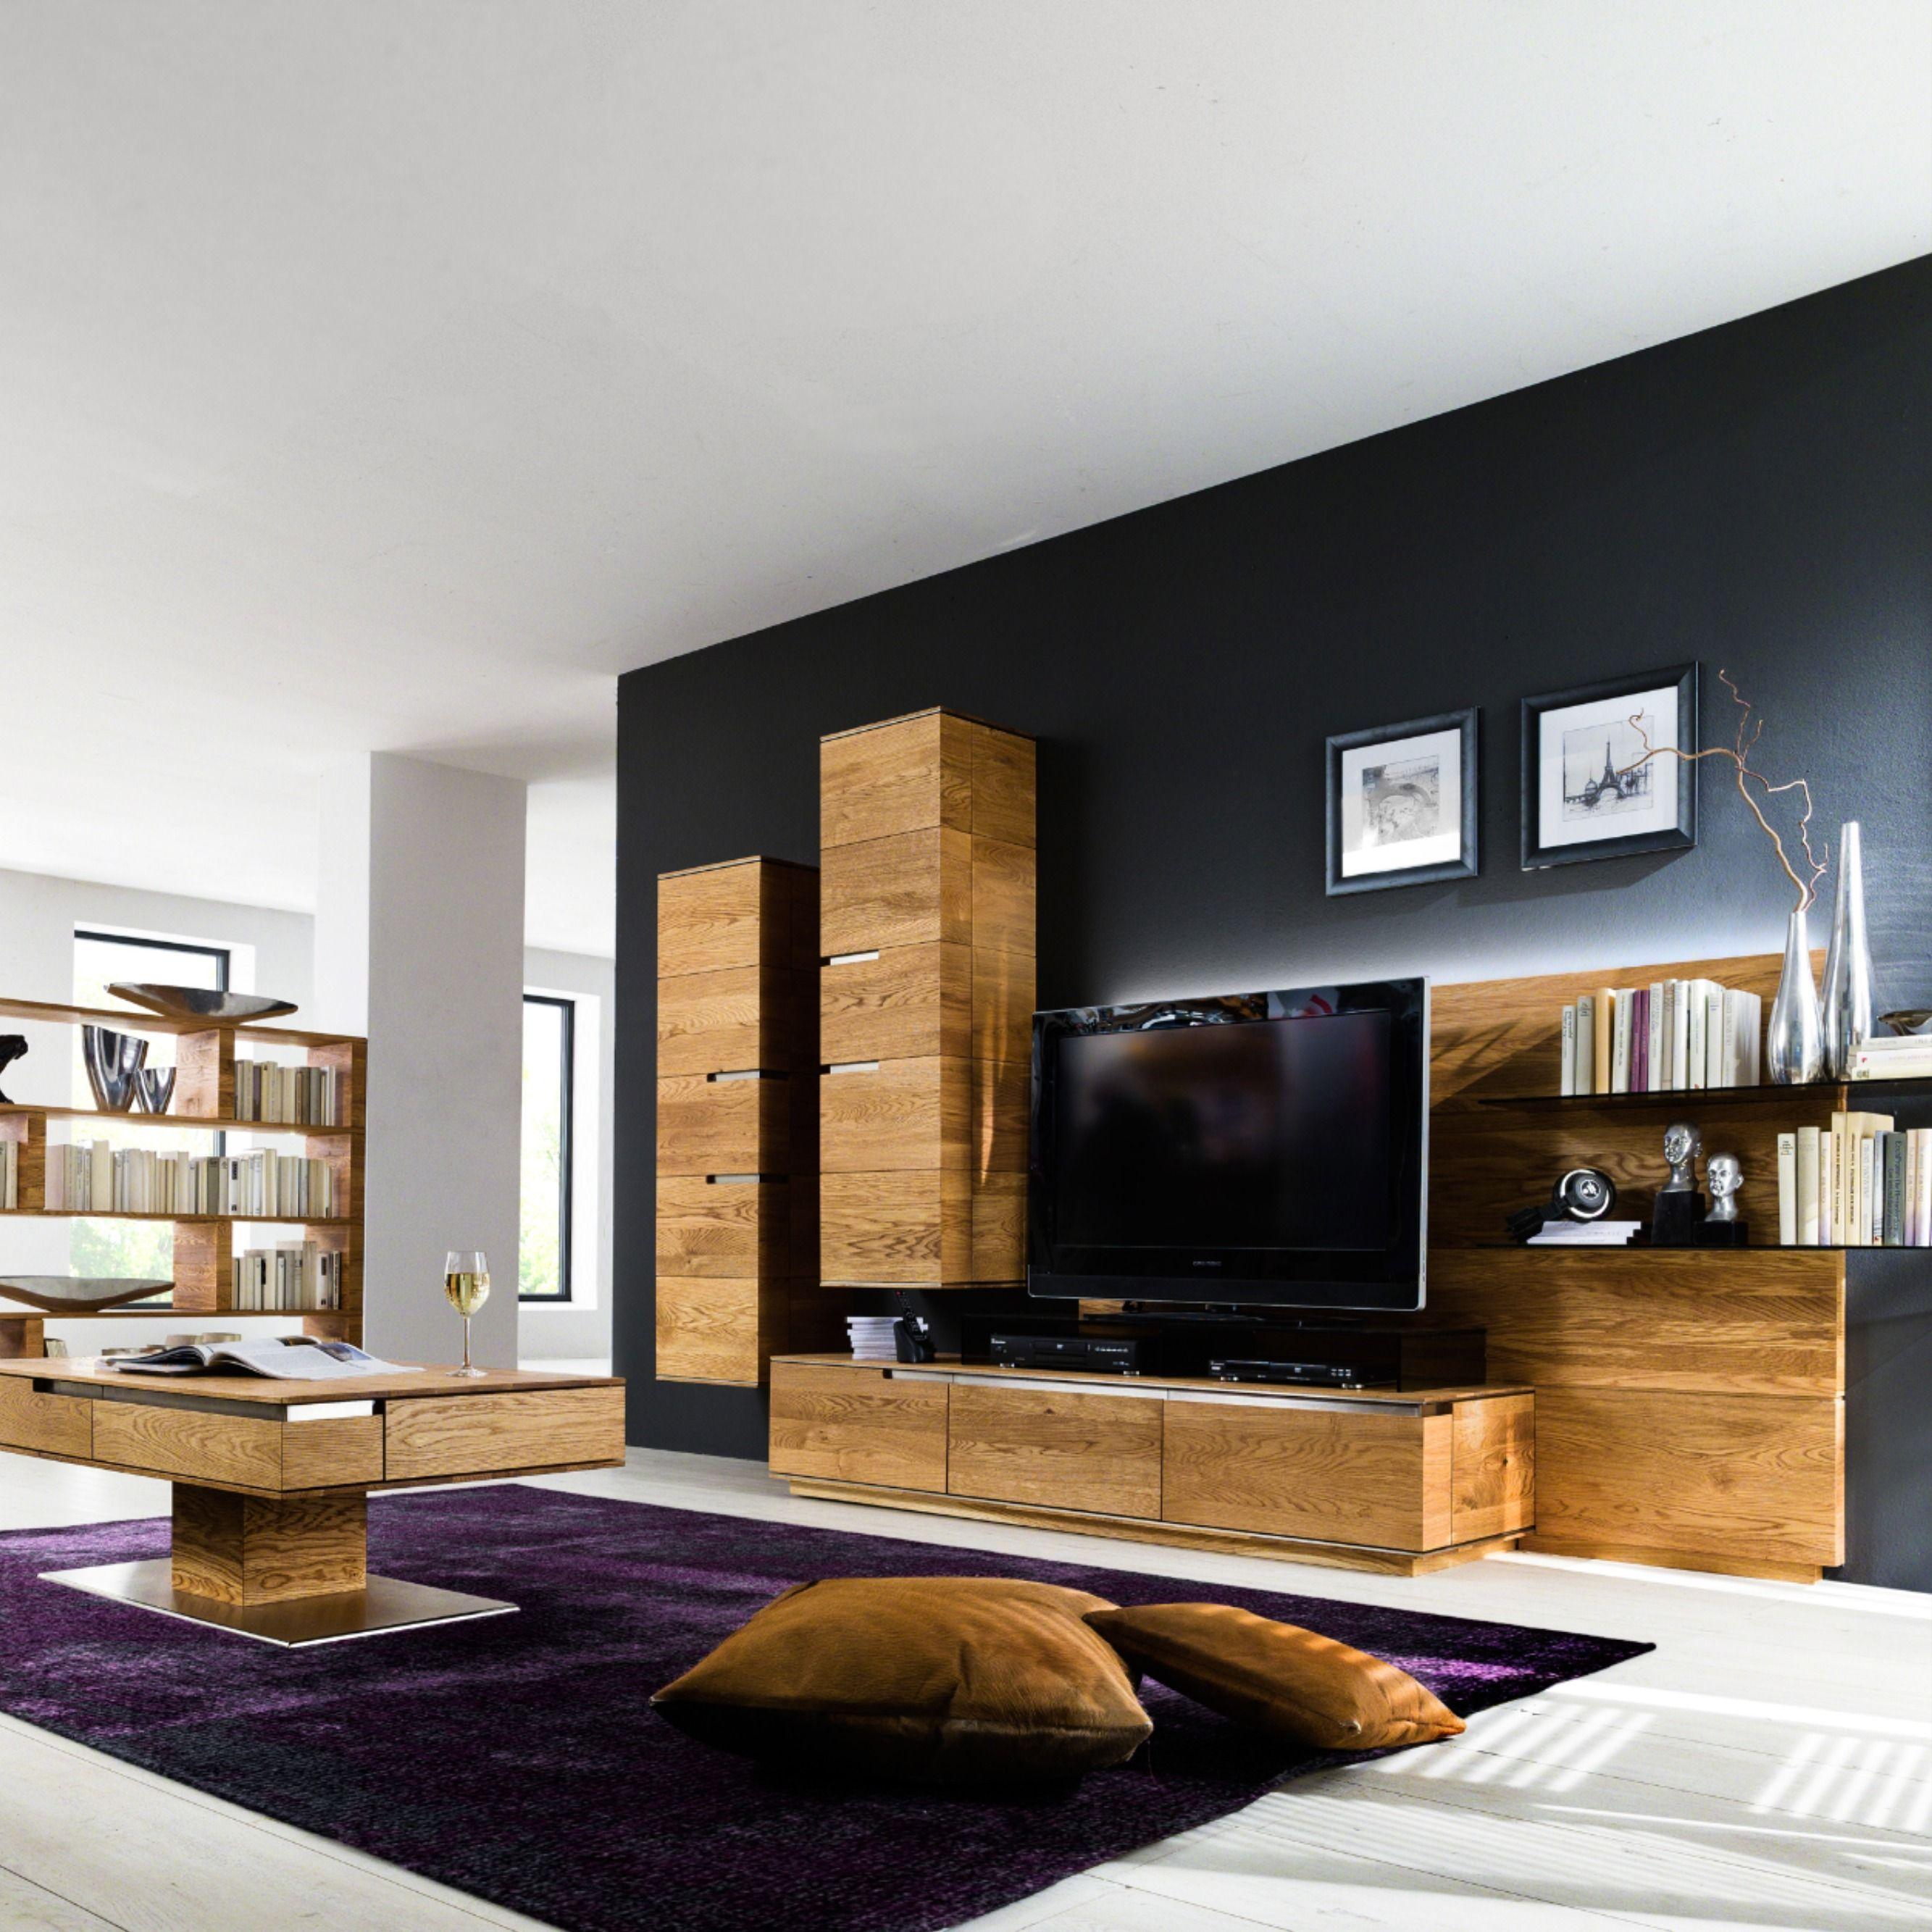 Mar 21 2020 Deine Wohnzimmer Aus Massiv Holz Wohnzimmer Wohnwand Wohnzimmerschrank Metall Inspiration W In 2020 Wohnen Holzwand Wohnzimmer Wohnung Einrichten